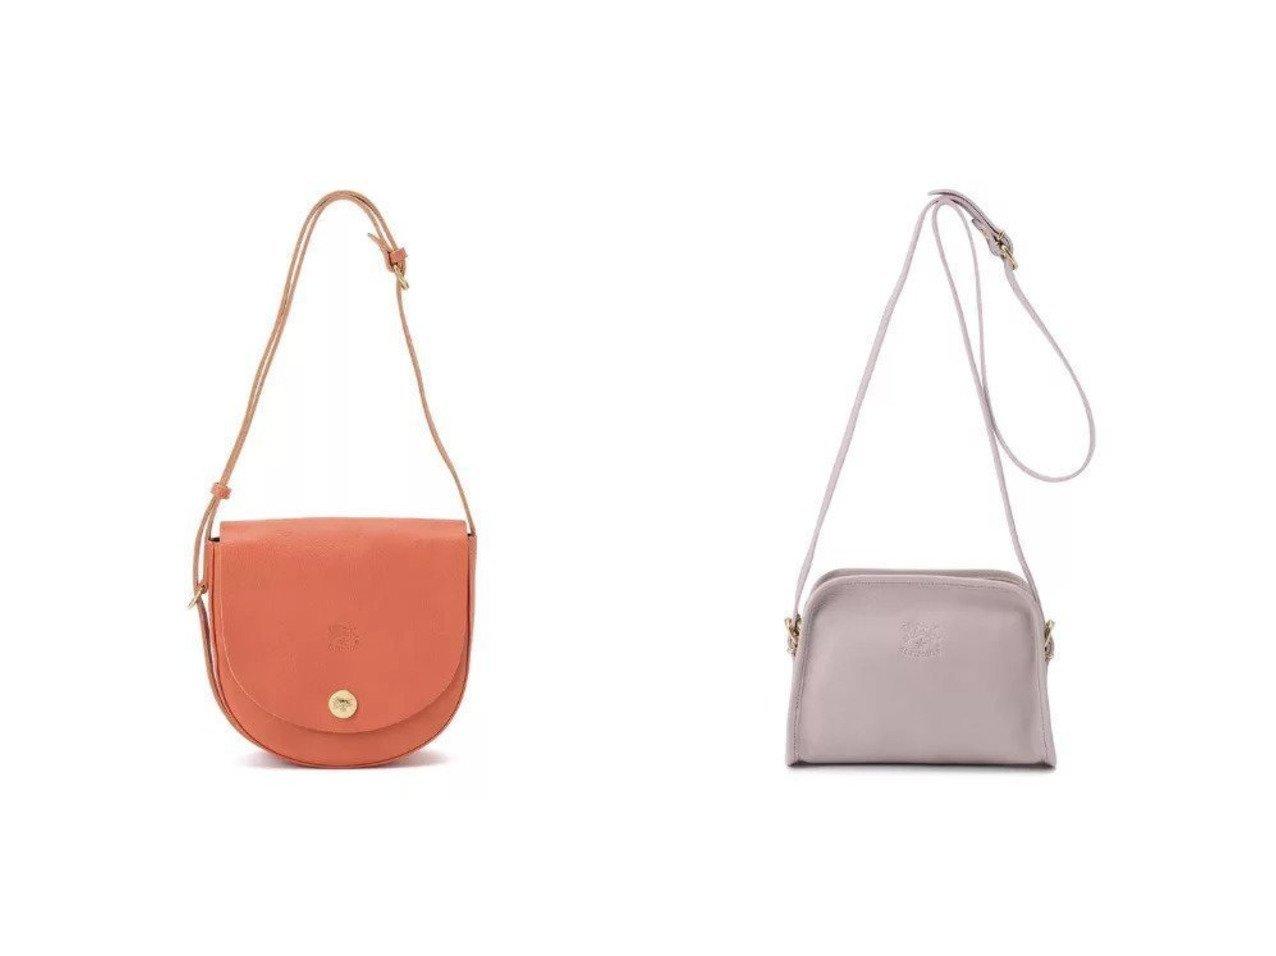 【IL BISONTE/イル ビゾンテ】のクロスボディバッグ&クロスボディバッグ 【バッグ・鞄】おすすめ!人気、トレンド・レディースファッションの通販 おすすめで人気の流行・トレンド、ファッションの通販商品 インテリア・家具・メンズファッション・キッズファッション・レディースファッション・服の通販 founy(ファニー) https://founy.com/ ファッション Fashion レディースファッション WOMEN バッグ Bag フォルム フラップ メタル ワンポイント 台形  ID:crp329100000065092